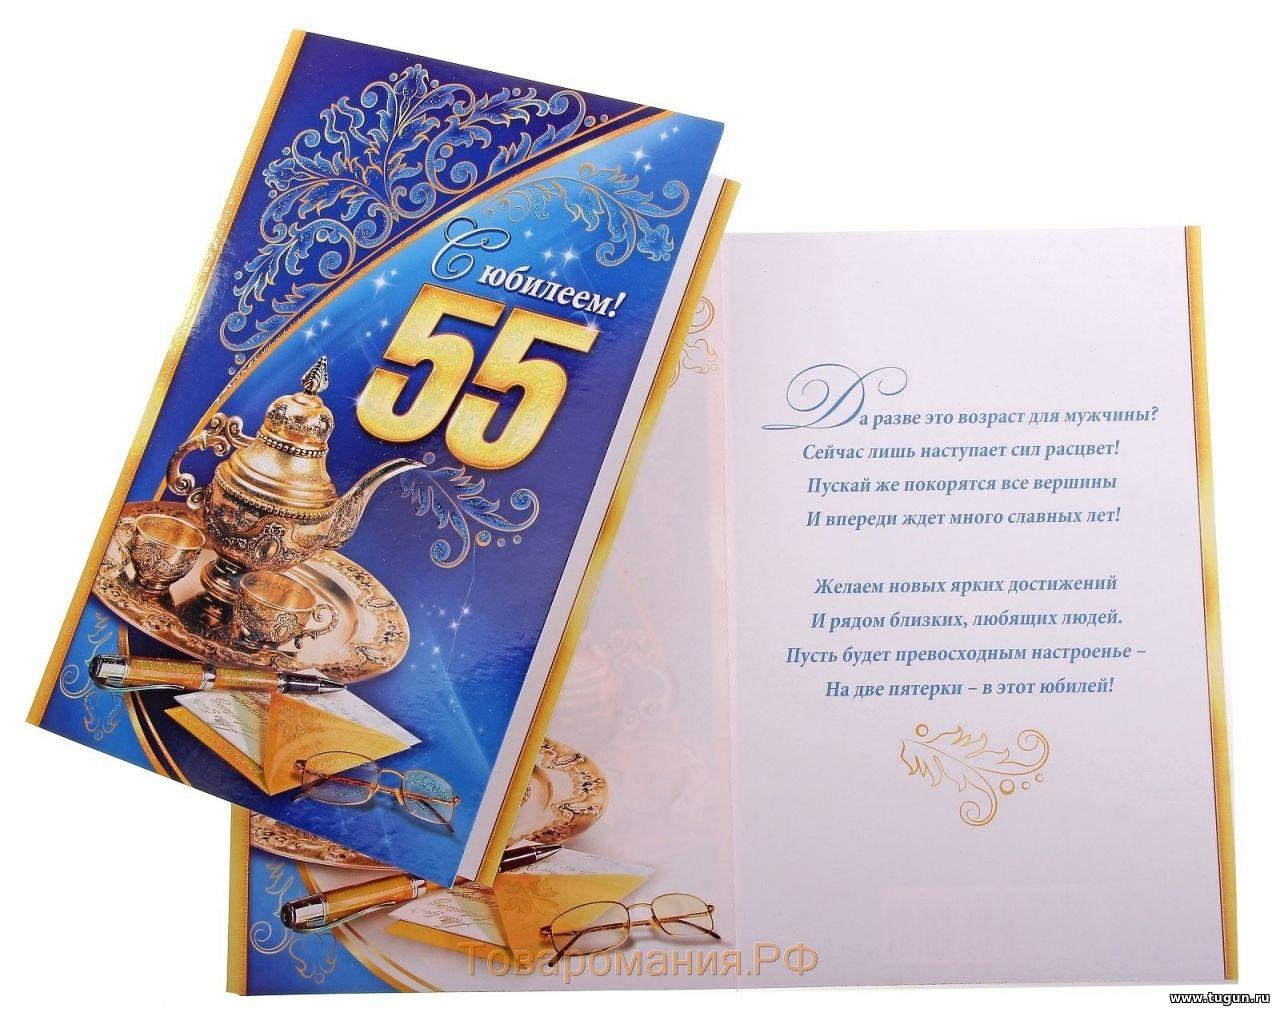 Поздравление с днем рождения 55 лет для мужчин